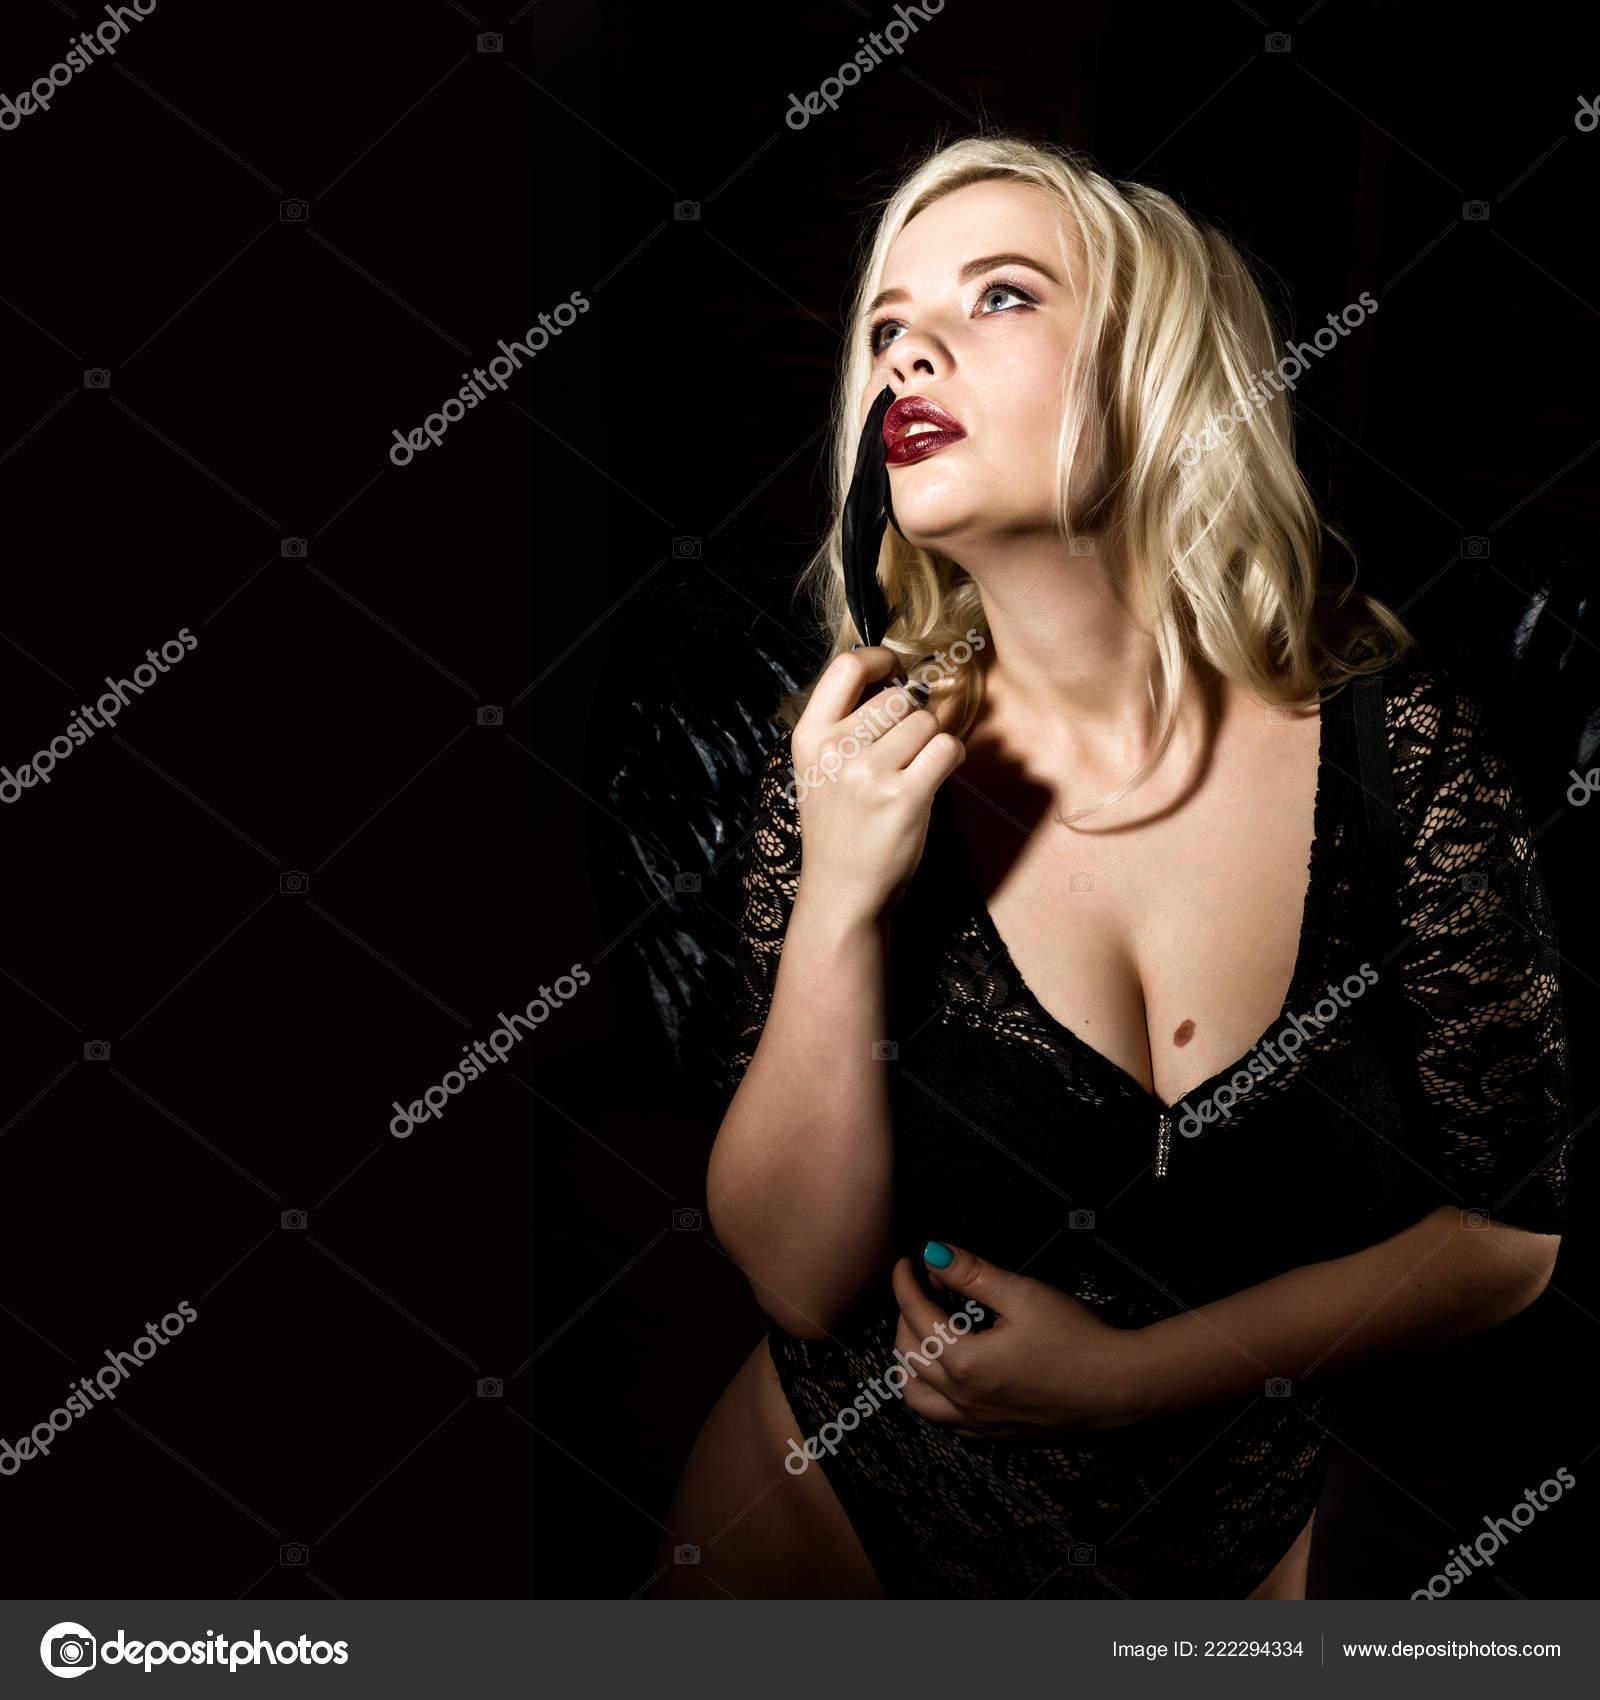 sexuální obrázky černé ženy velký blond kohout